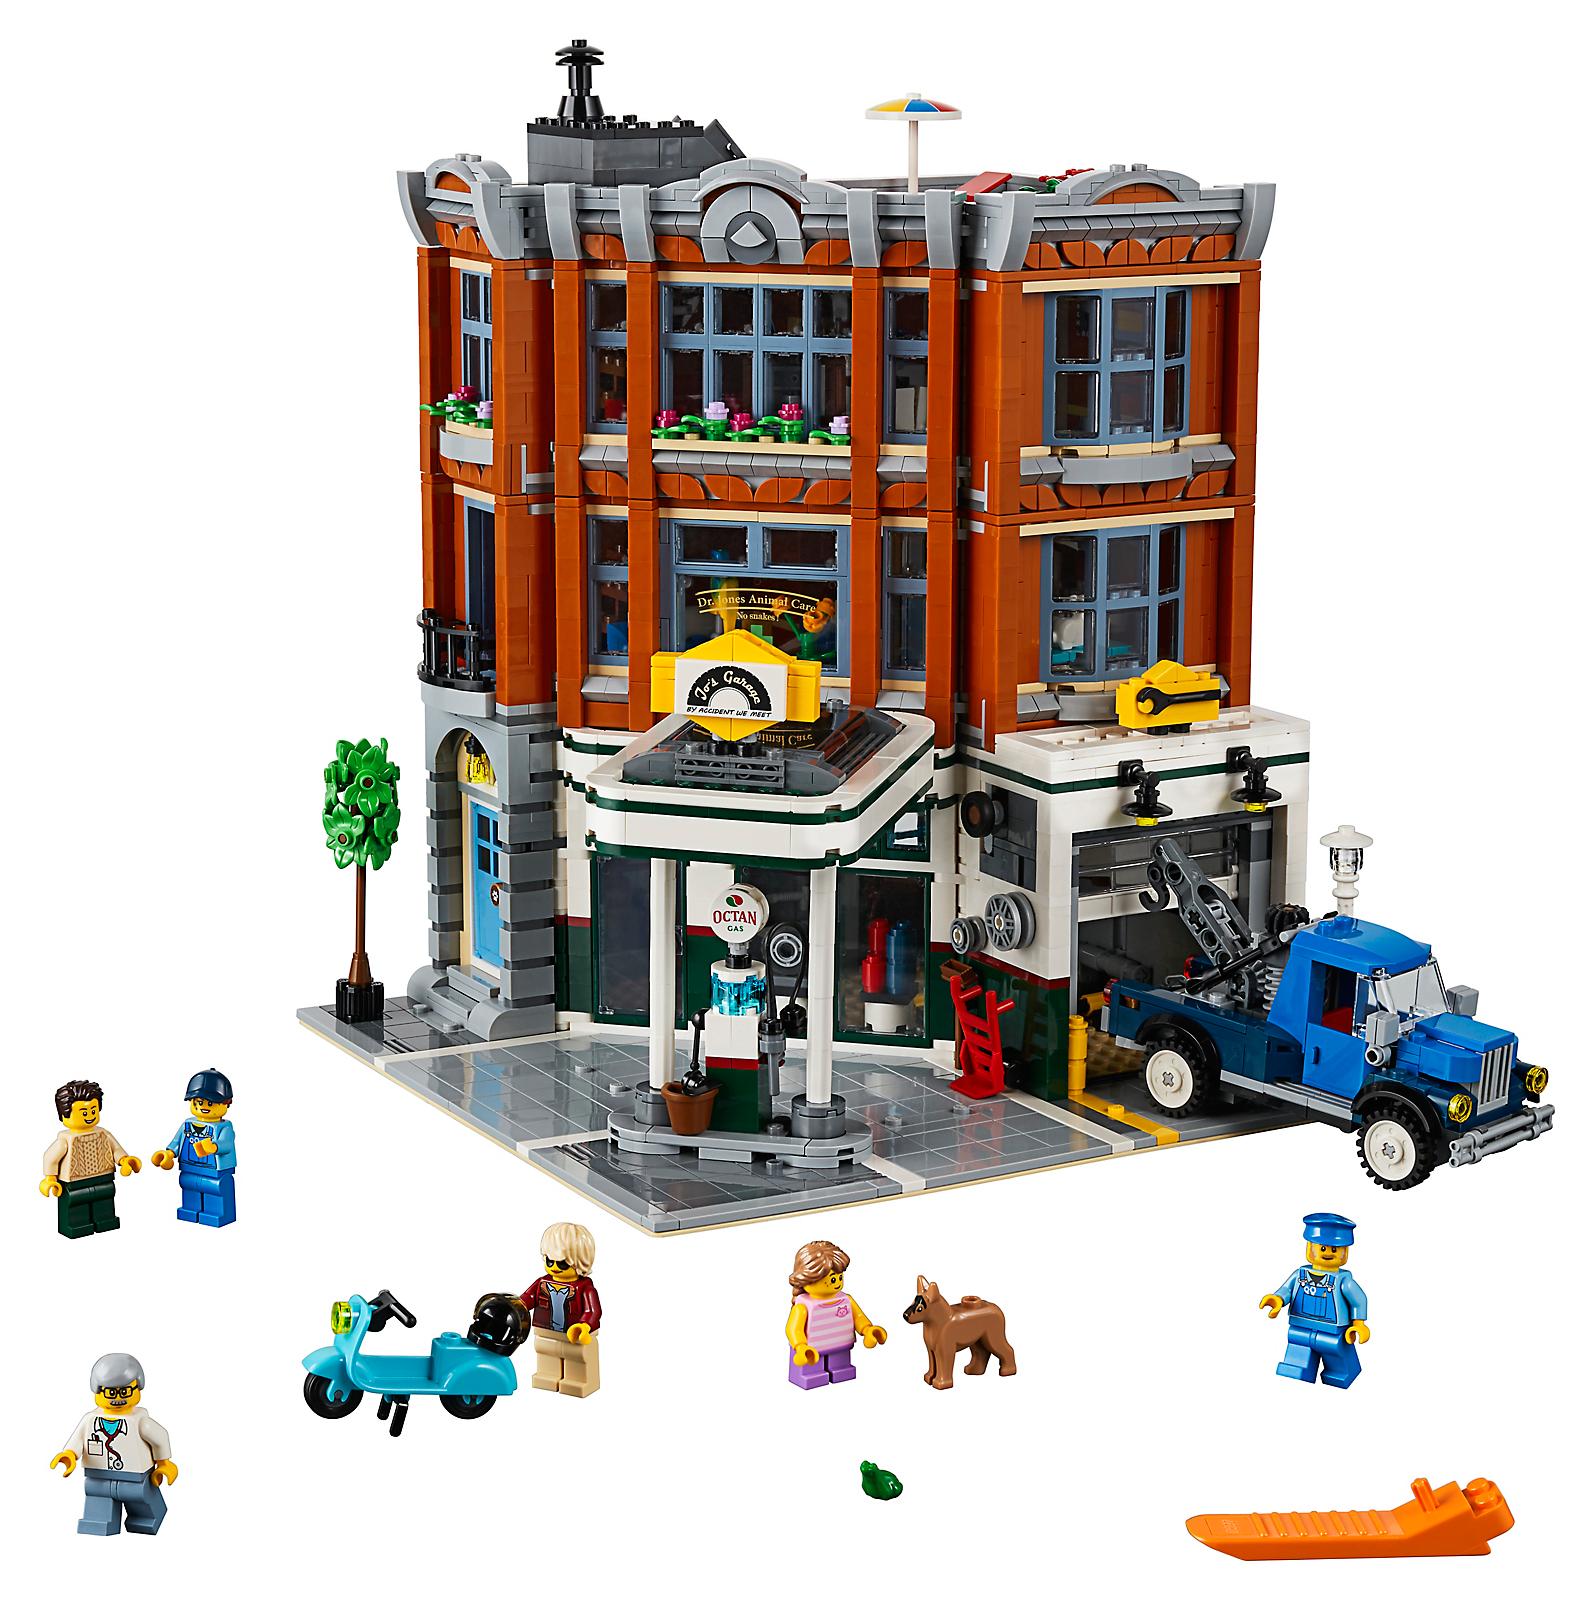 Další Přírůstek Mezi Modulární Domy Lego Creator Expert Rohová